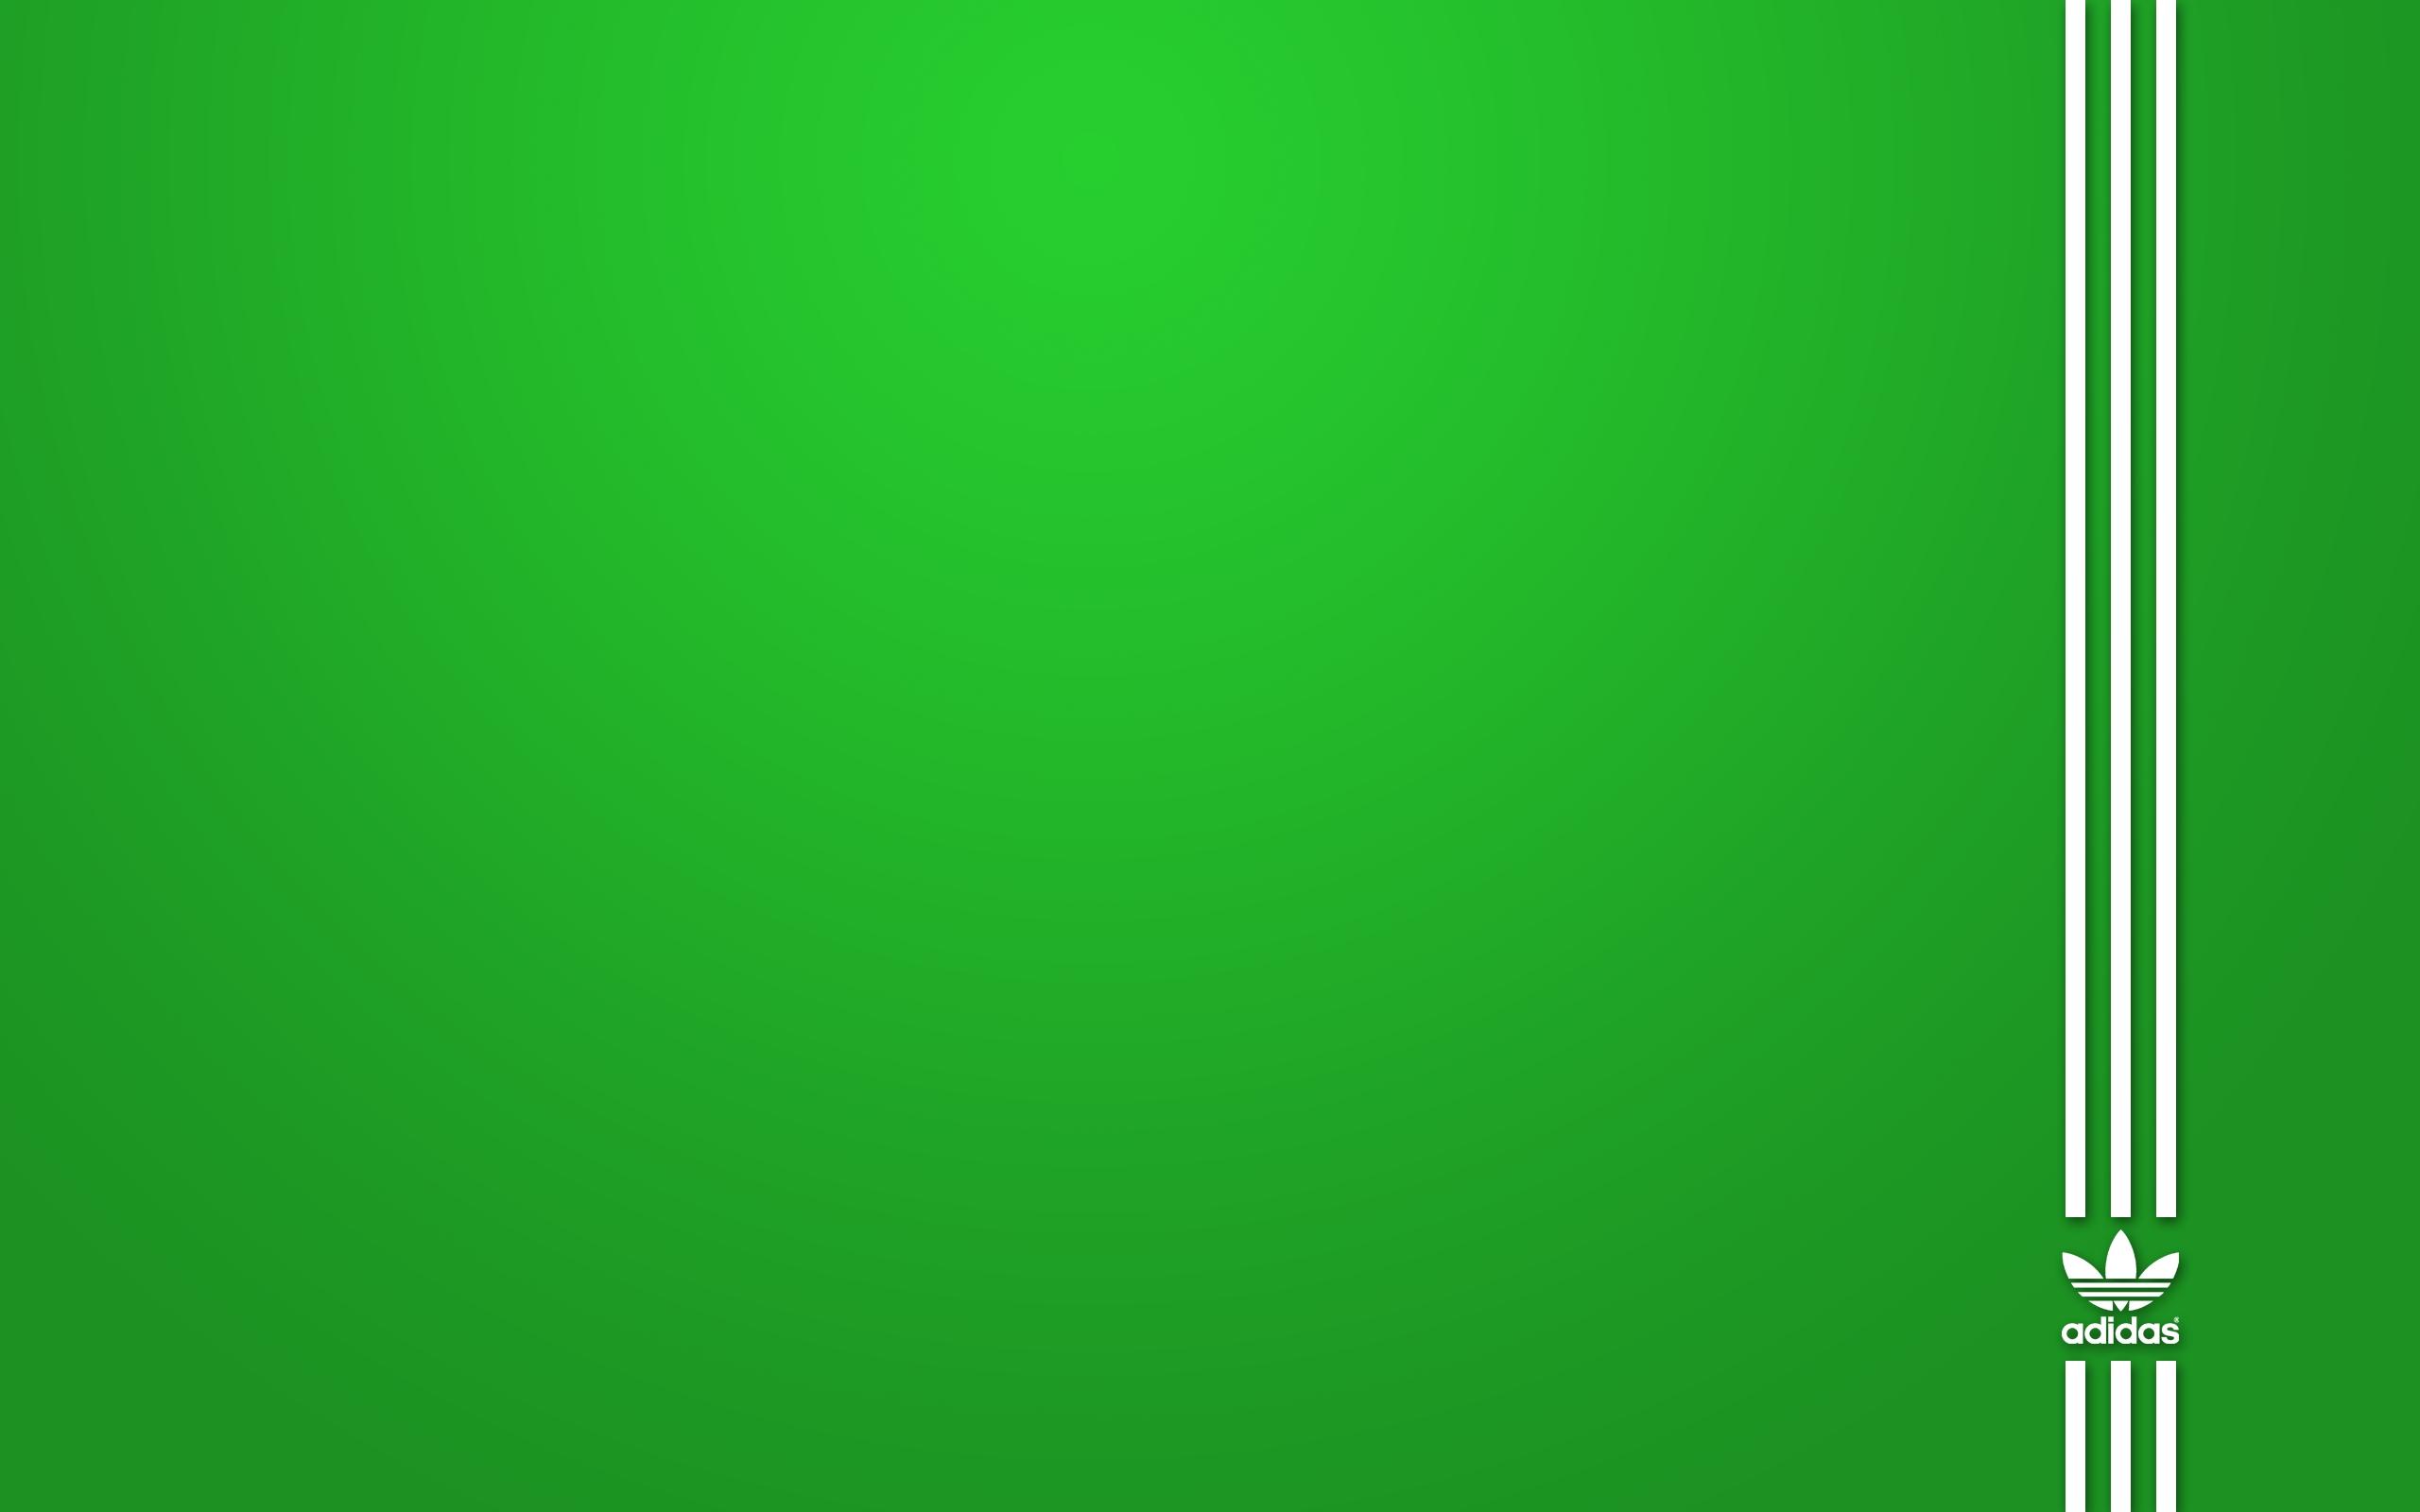 finest selection 14fb2 3c7f9 Deportes logo verde banda Adidas láser ropa iluminación forma línea energía  calzado Palo de cue